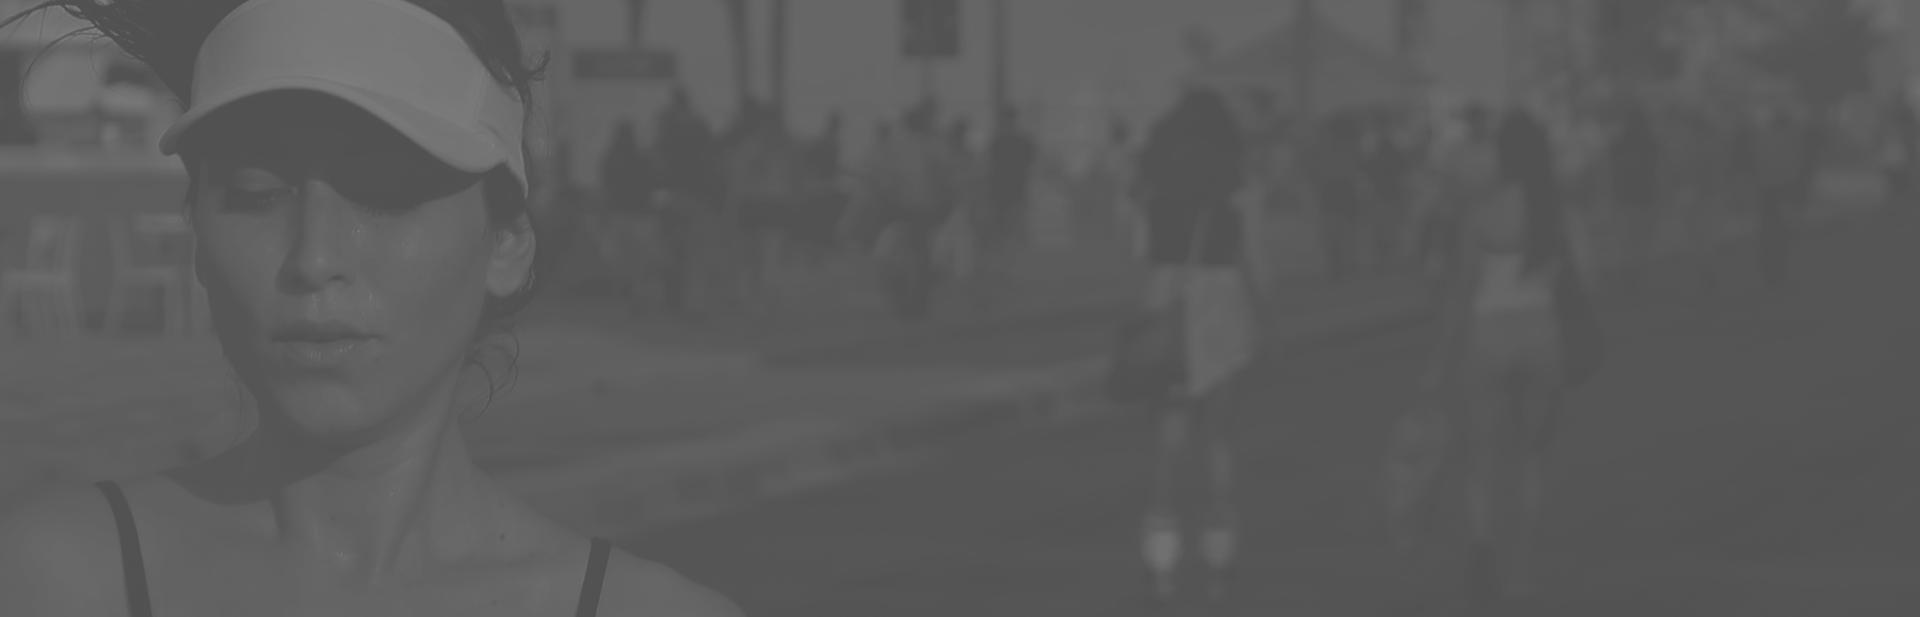 Fond - projet de développement d'un logiciel pour le sport avec le groupe StadLine